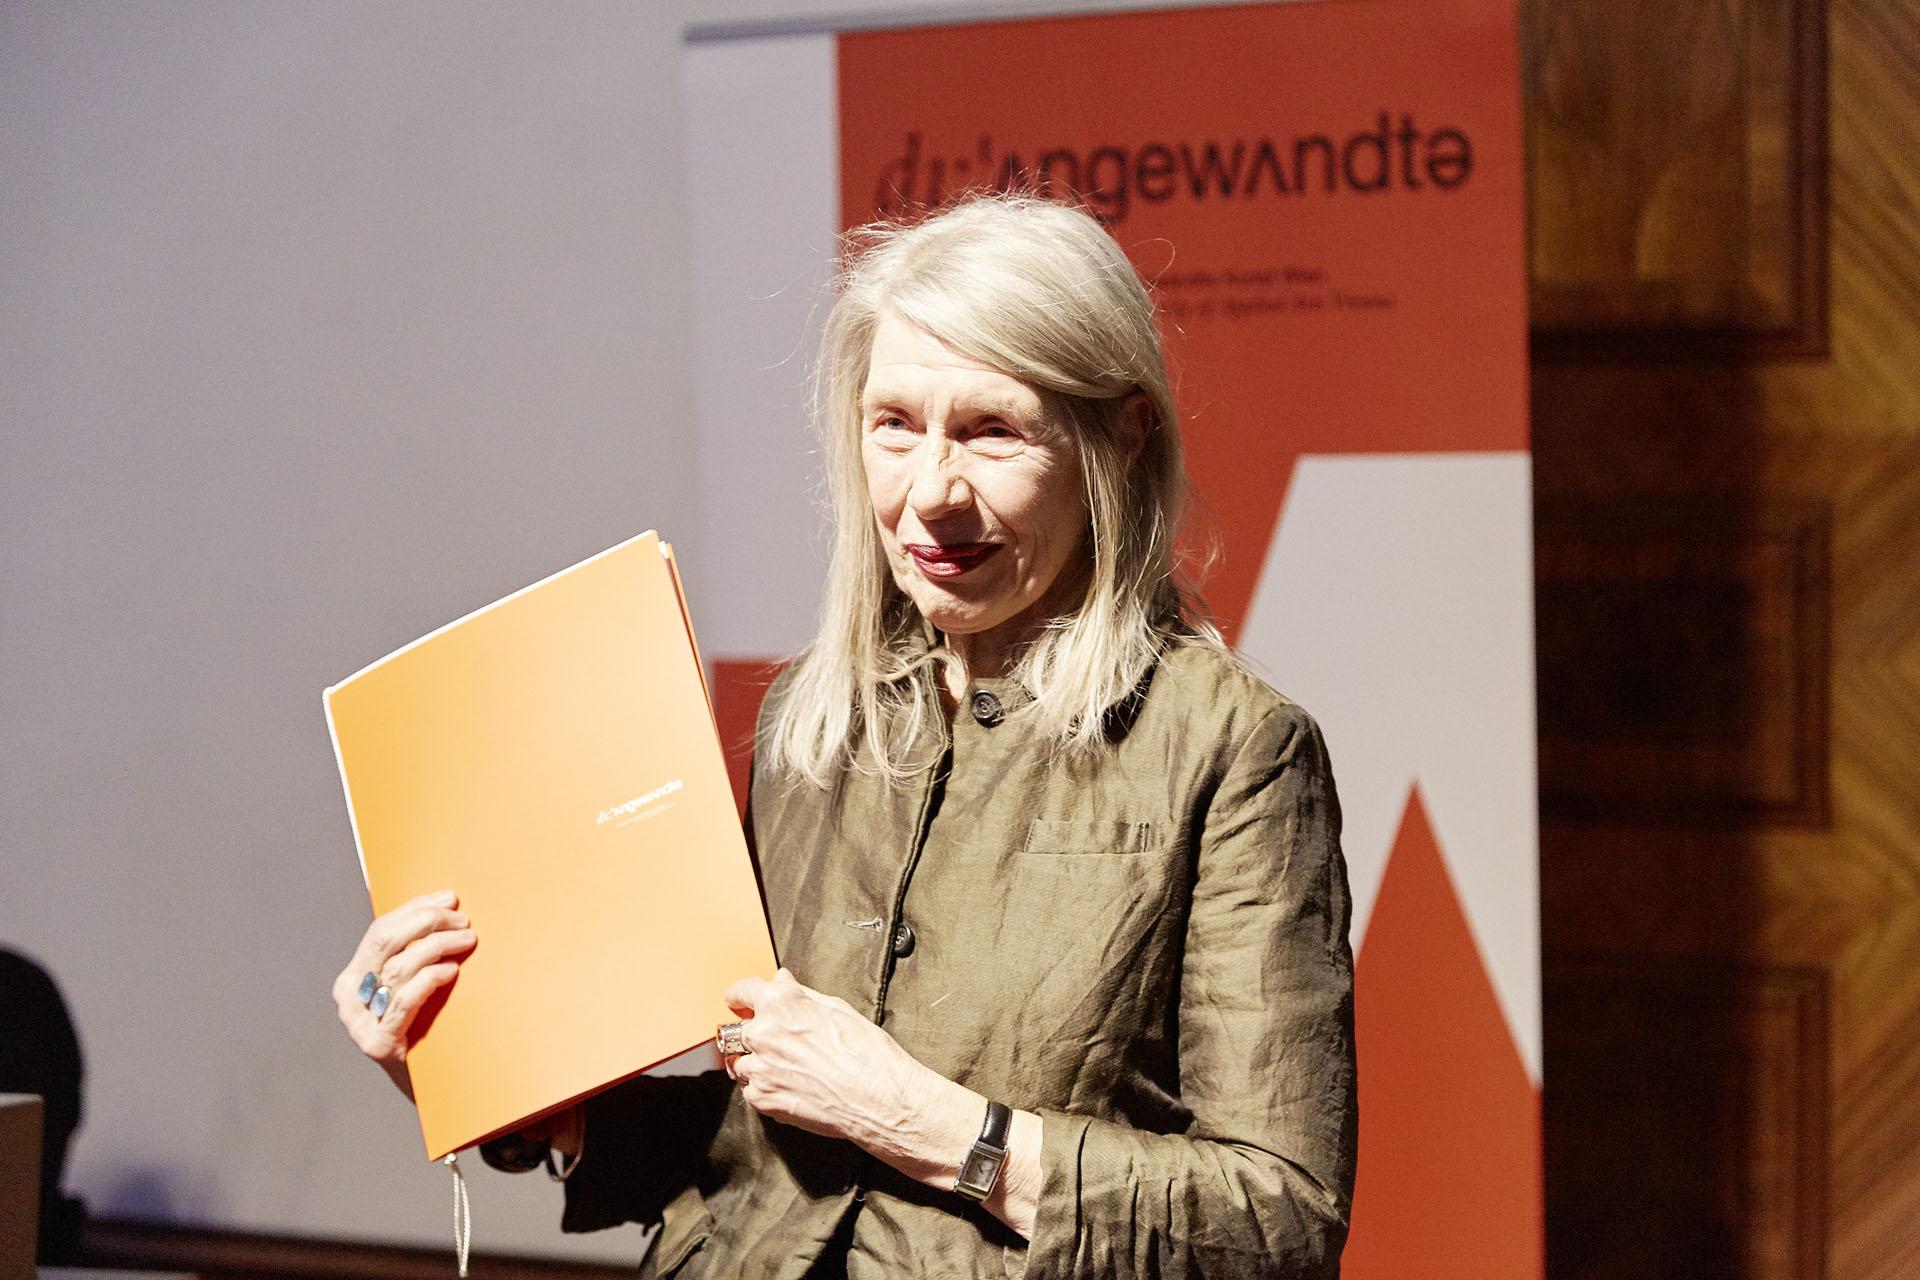 Angewandte_OK-Preis_2018_Martha_Jungwirth_00005